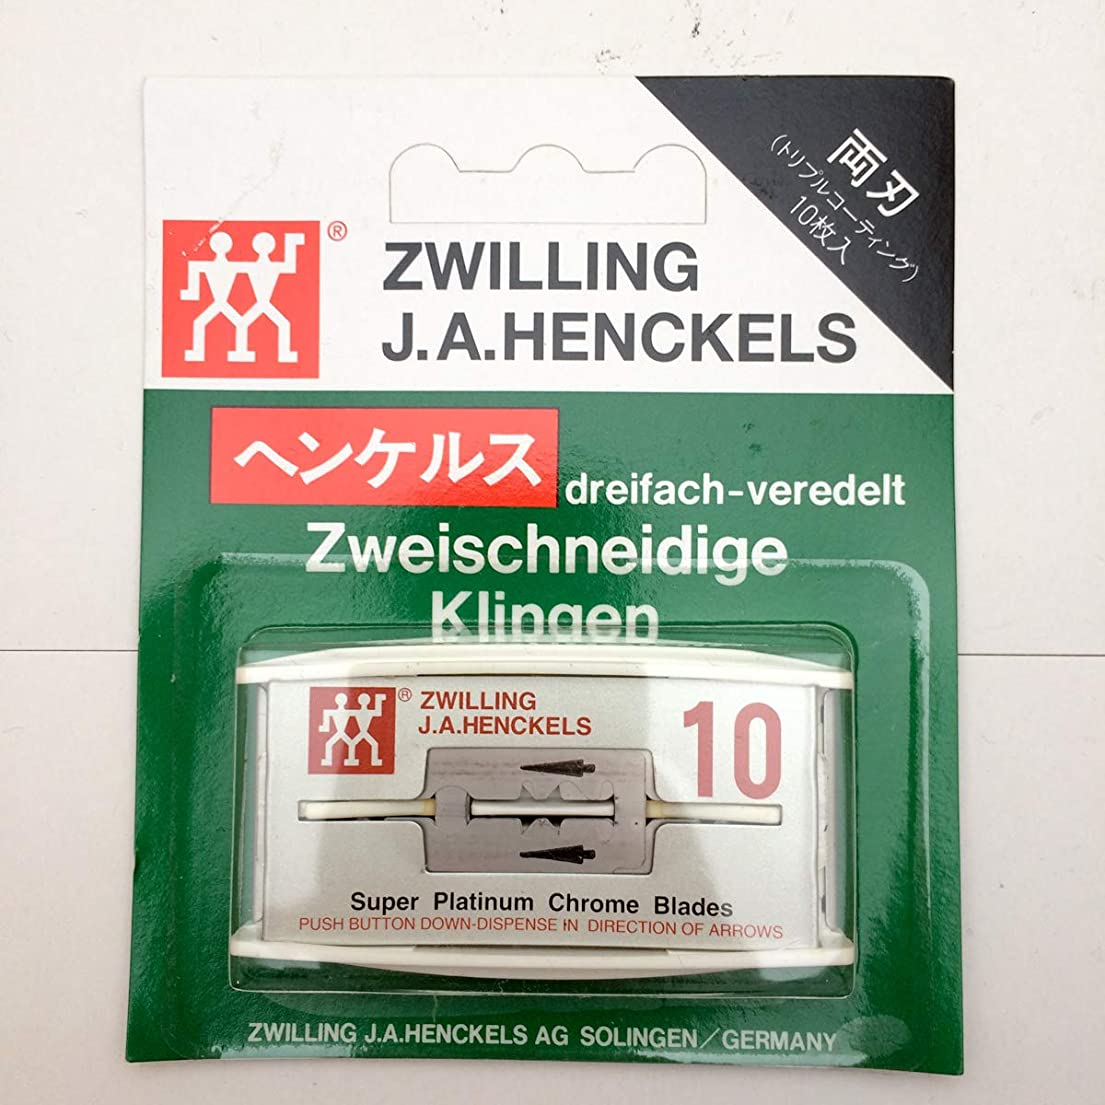 家主マーキングリゾート【ヴィンテージ品?数量限定】ツヴィリング J.A. ヘンケルス 両刃 カミソリ 剃刀 替刃 3層コート 10枚入 未開封新品 Vintage 10 Zwilling J.A. Henckels double edge razor blades